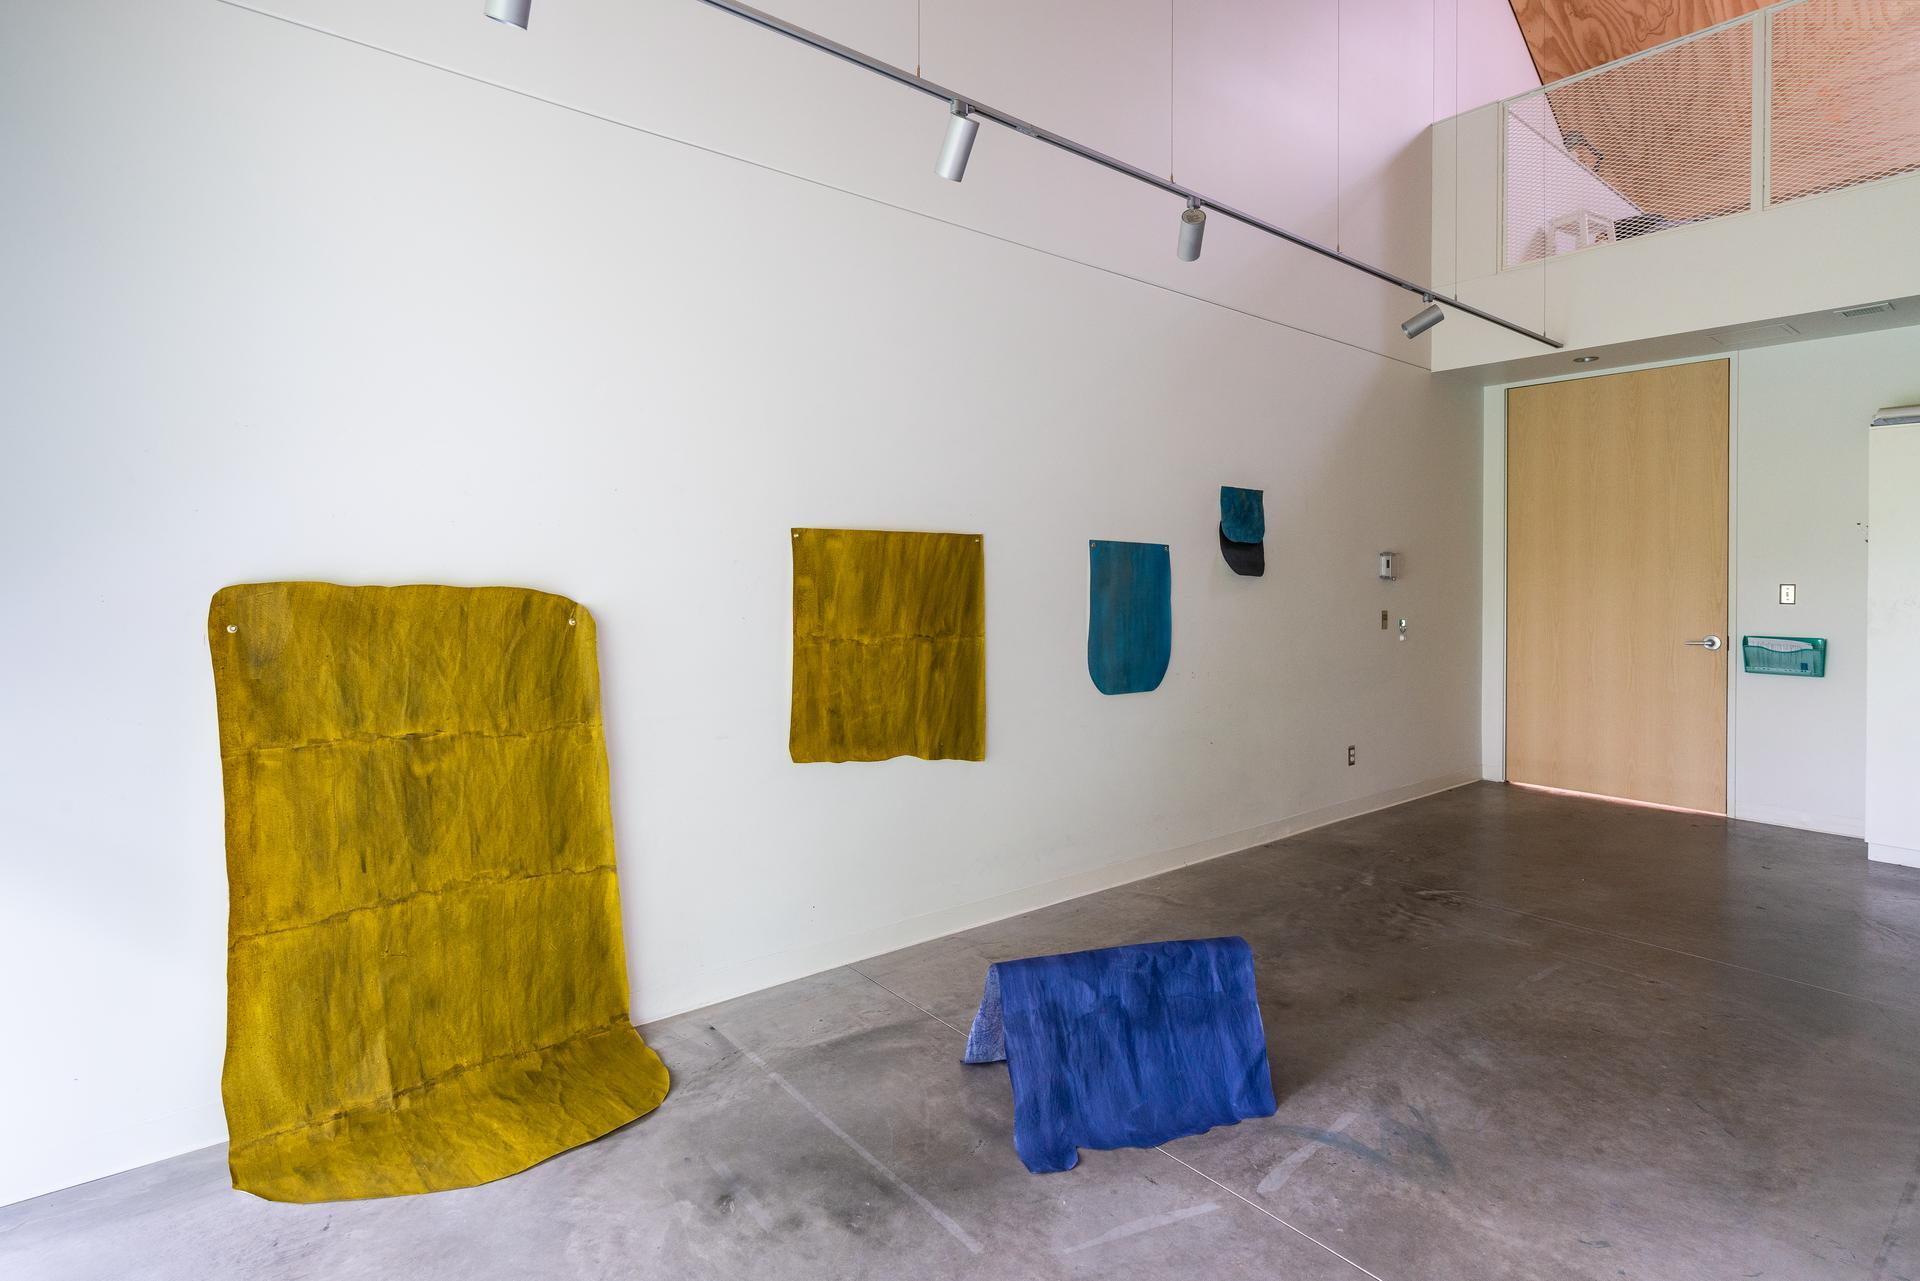 Vue d'atelier de Stéphanie Auger